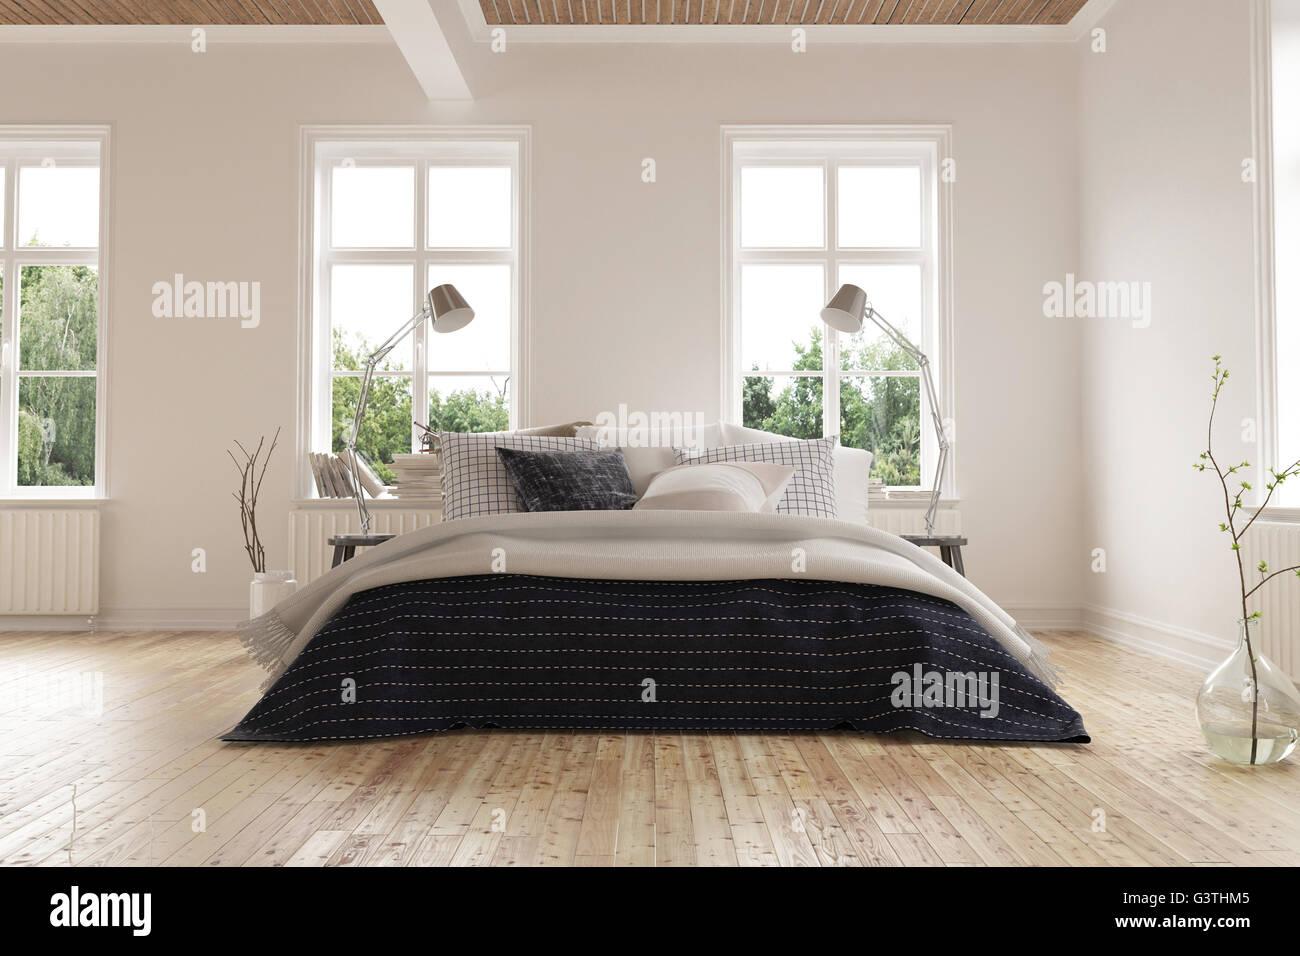 Helle moderne minimalistische Schlafzimmer Innenraum mit Kingsize ...